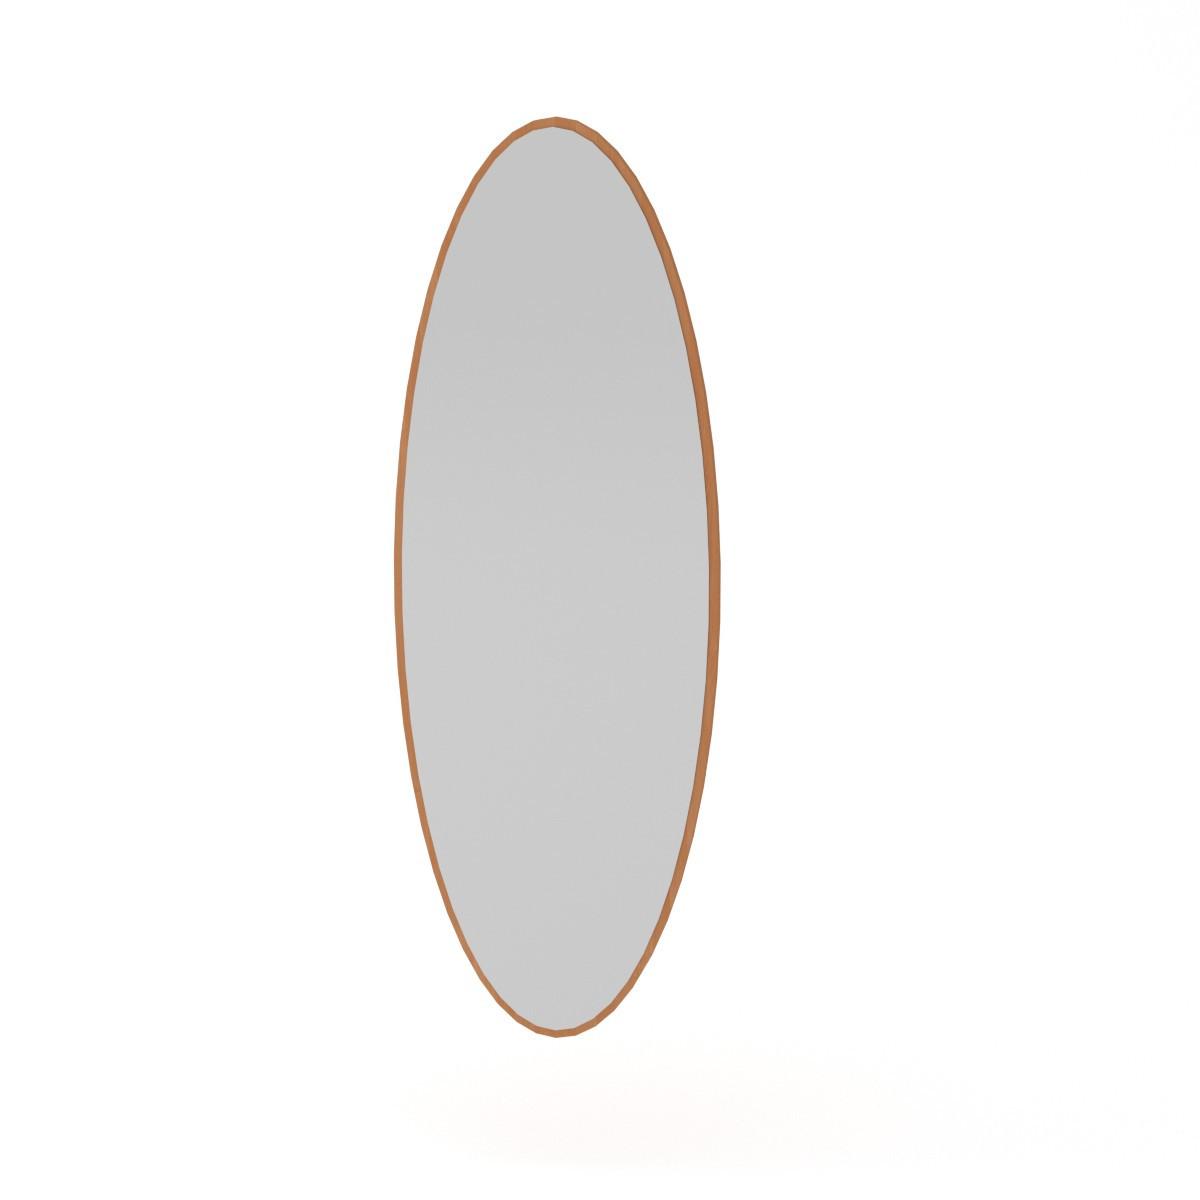 Зеркало-1 ольха Компанит